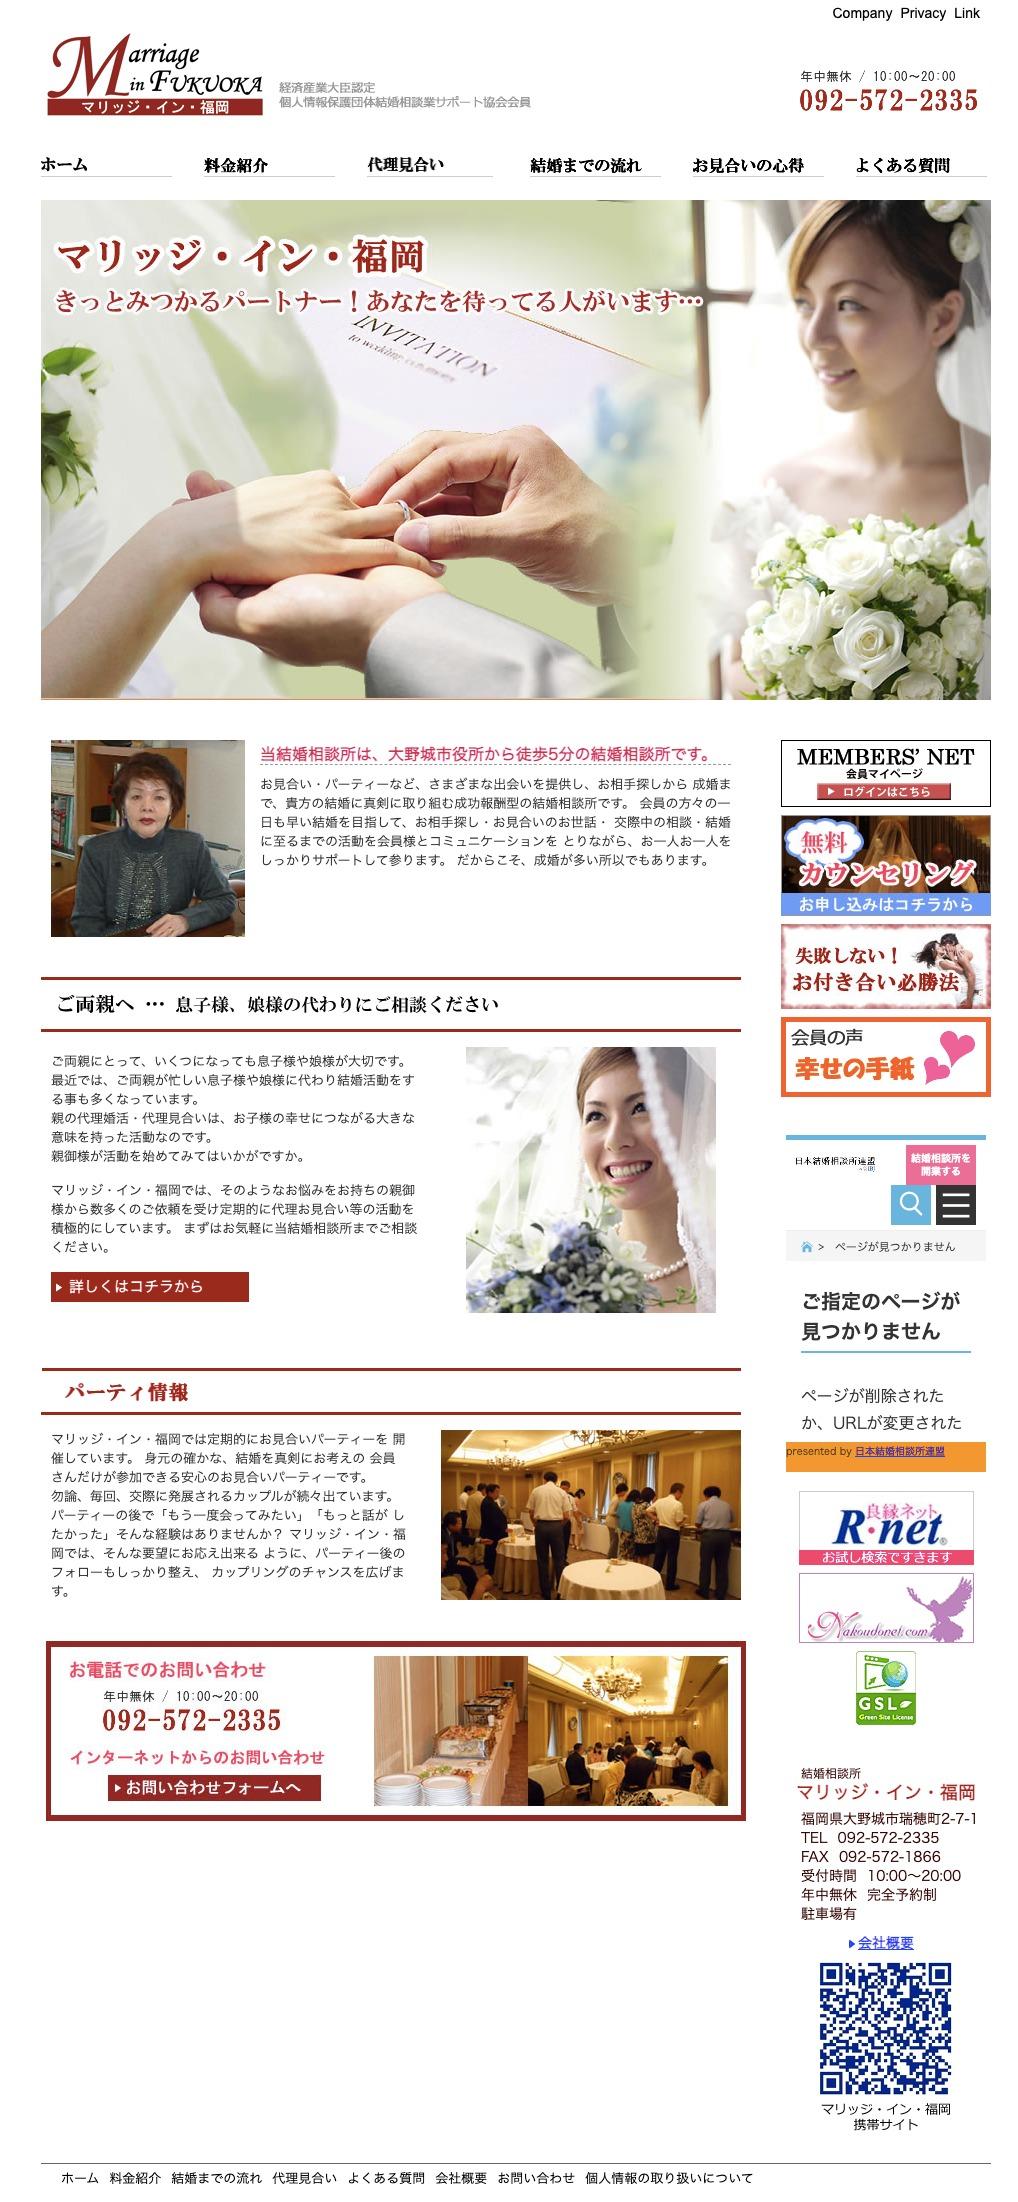 結婚相談所マリッジ・イン・福岡でお見合いをしてみませんか?|マリッジイン福岡トップページ